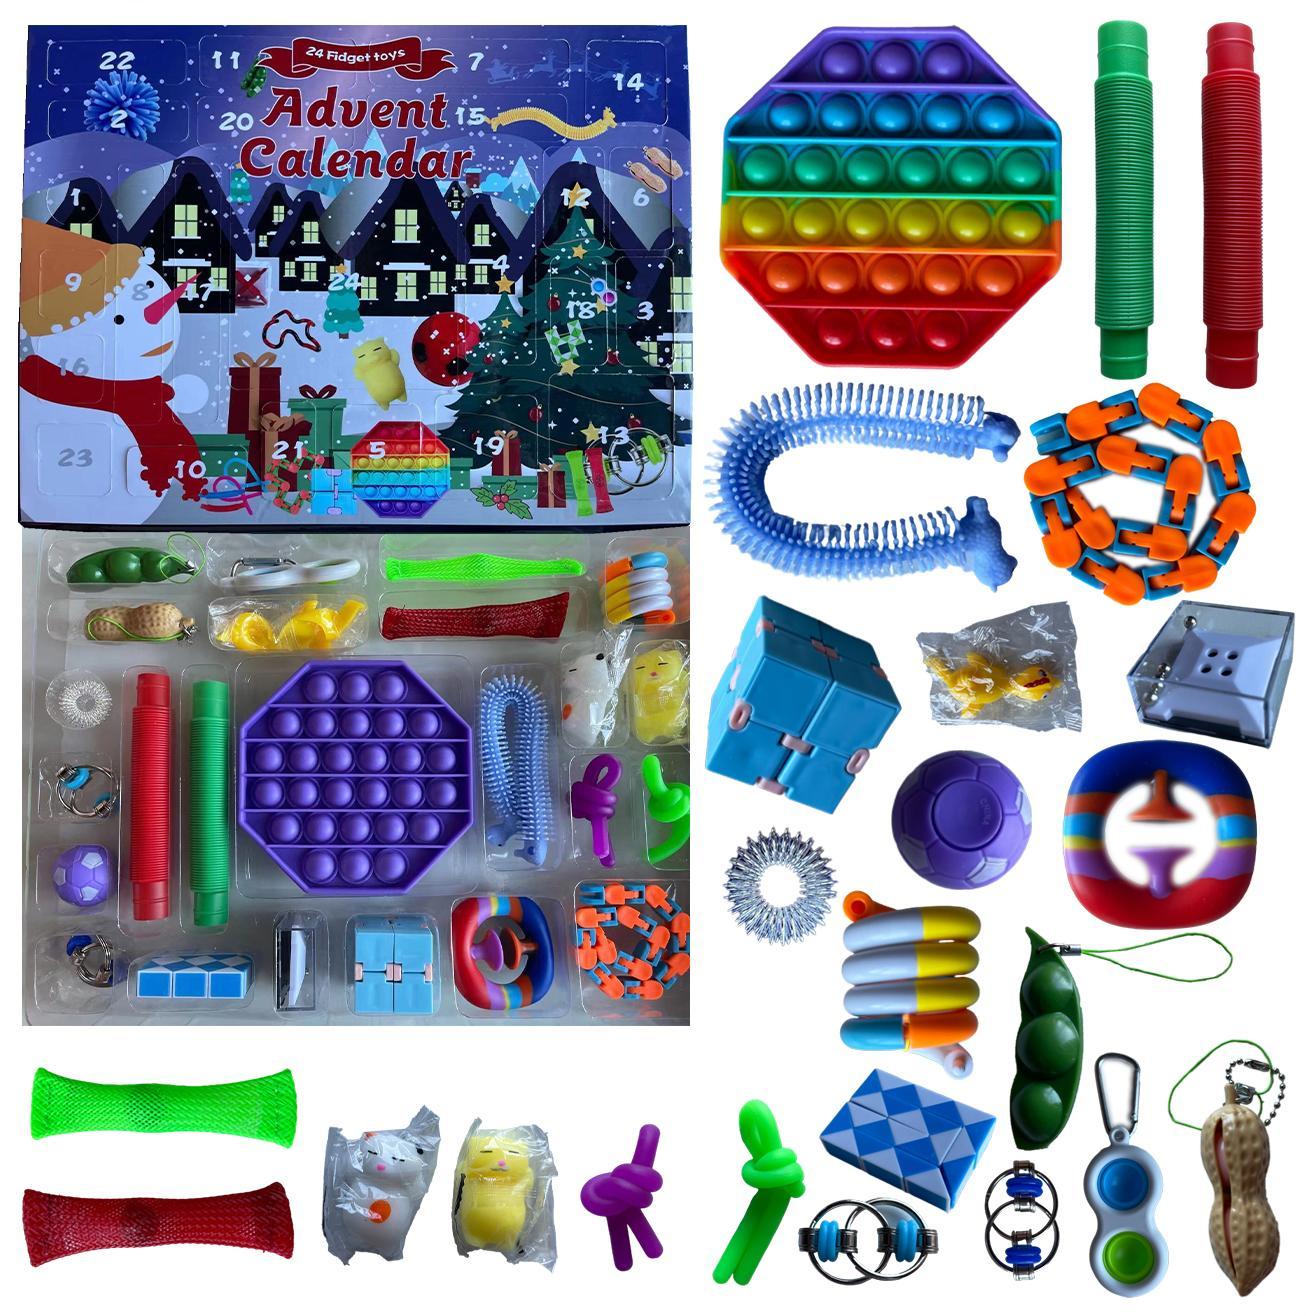 24pcs Set de Navidad Fidget Toys Advent Calender Cajas ciegas Regalos Discomensión simple Juguete Push Bubbles Niños Regalo de Navidad por Sea DH B10051